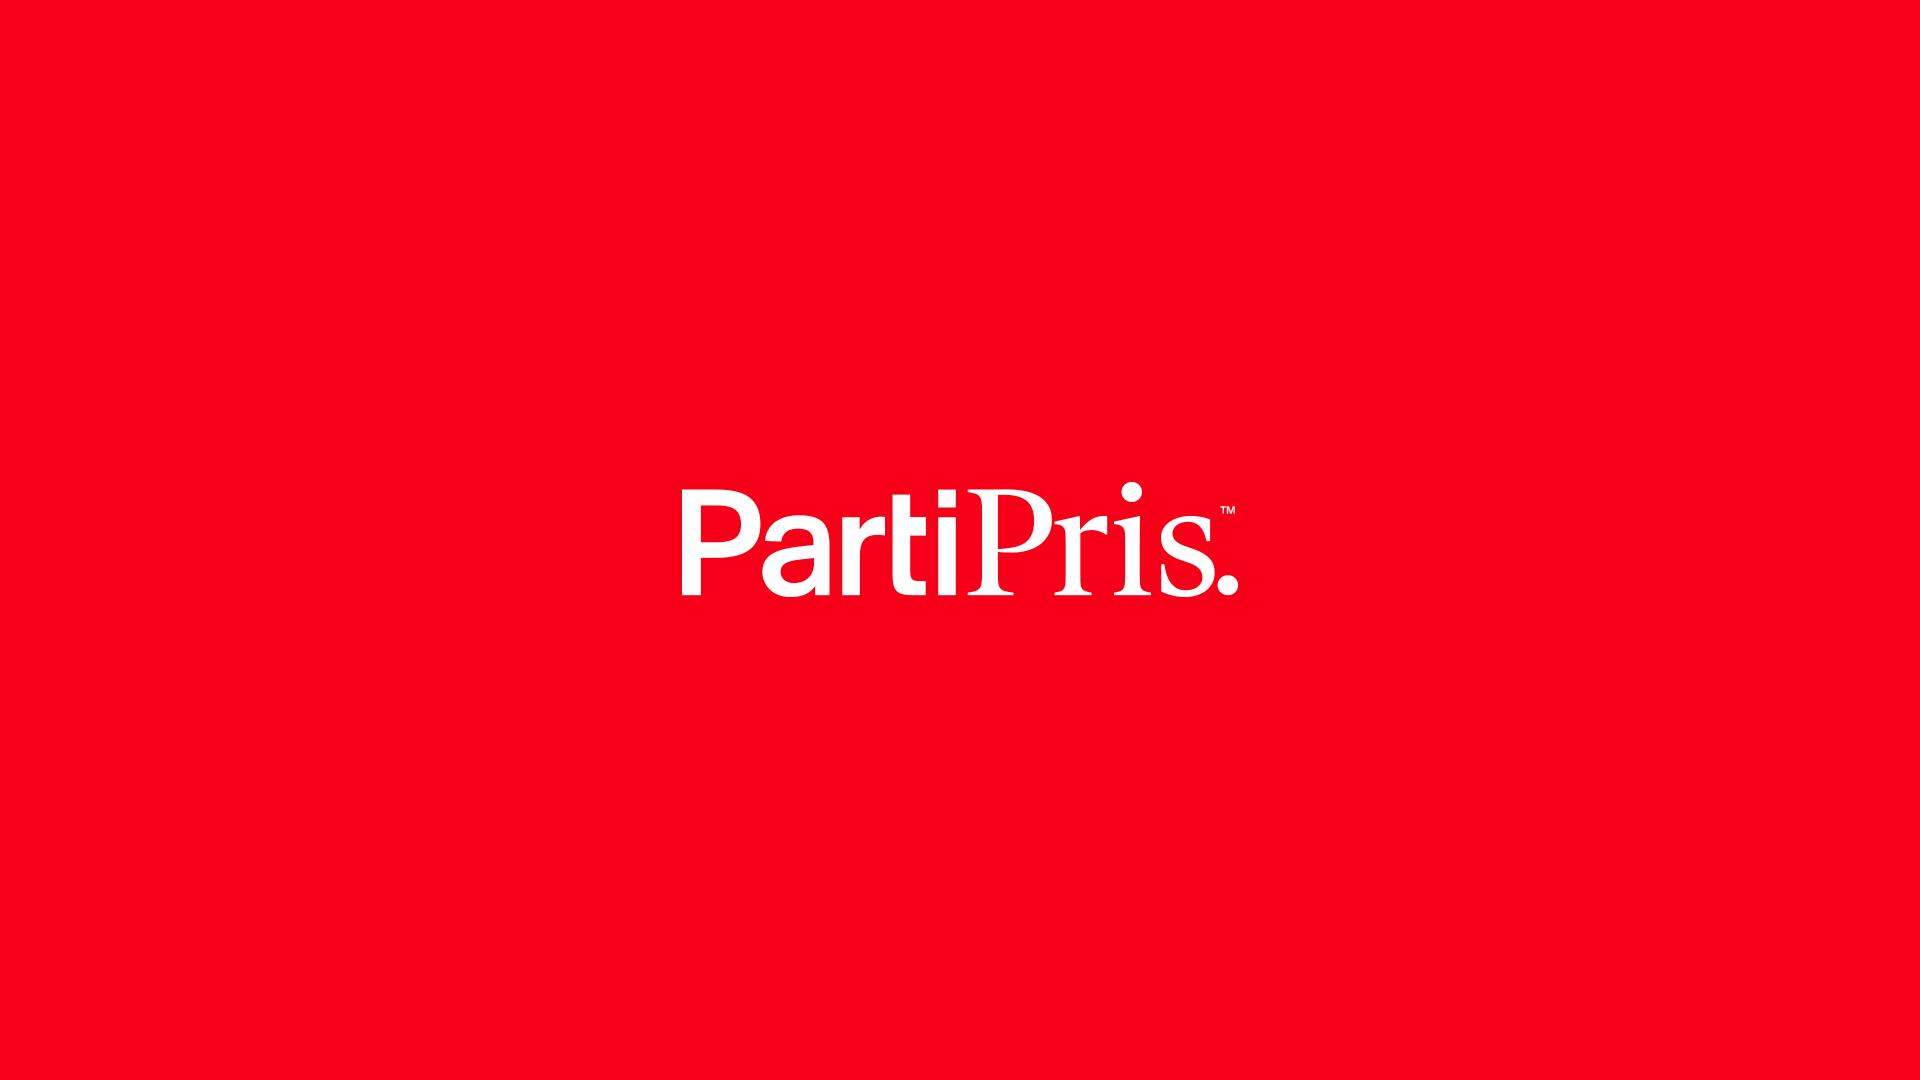 partipris-02